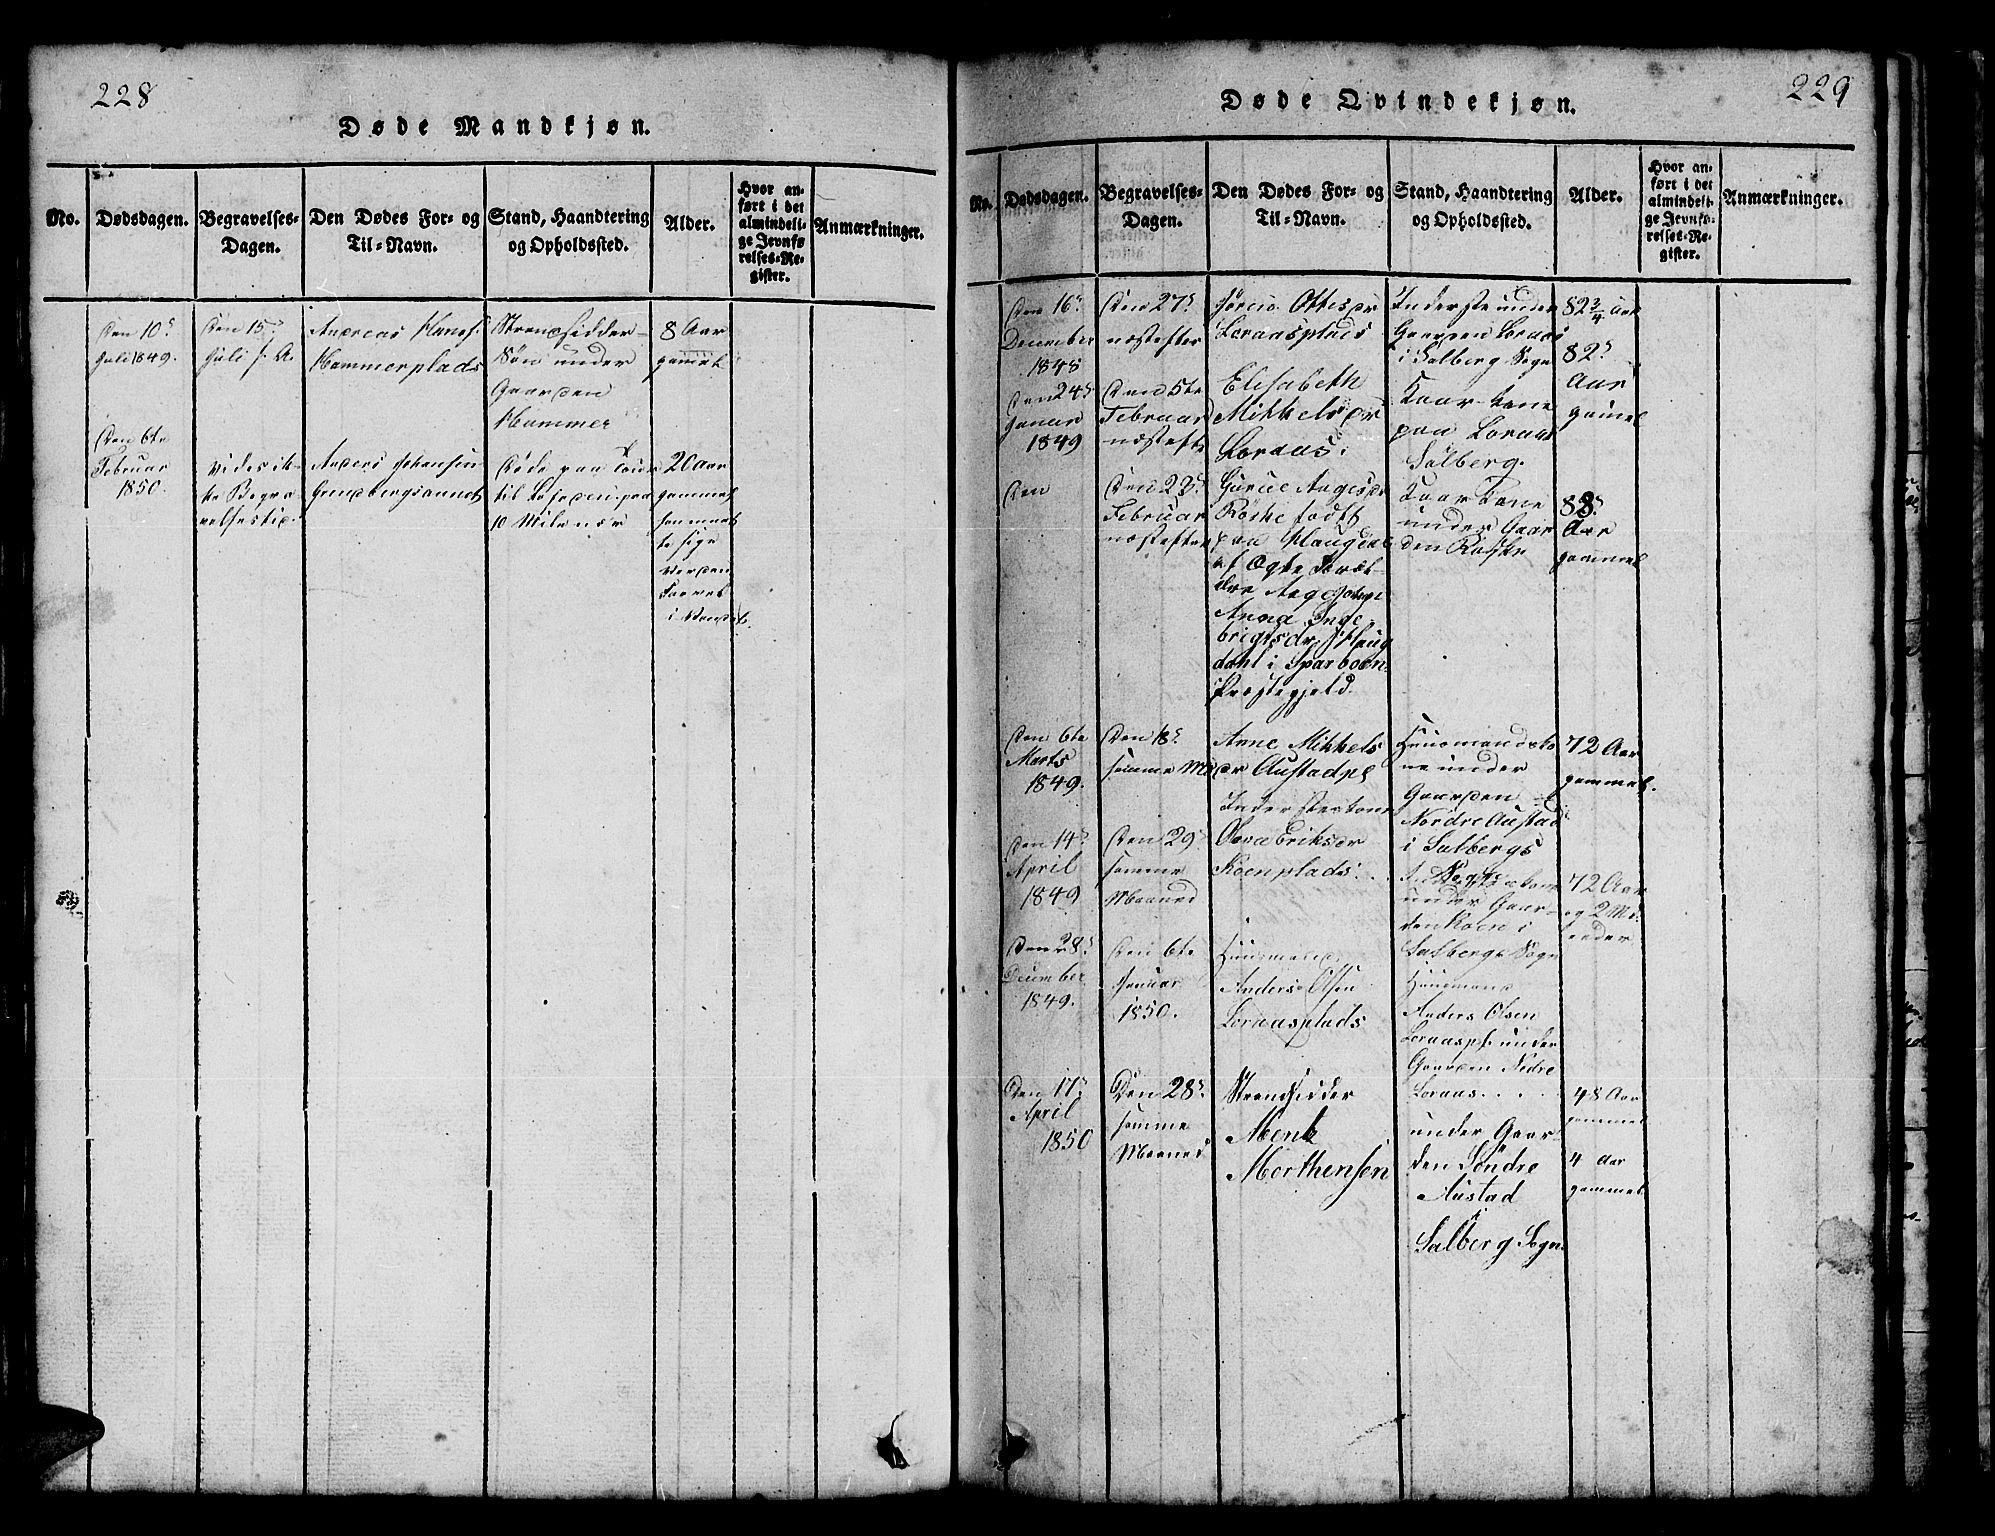 SAT, Ministerialprotokoller, klokkerbøker og fødselsregistre - Nord-Trøndelag, 731/L0310: Klokkerbok nr. 731C01, 1816-1874, s. 228-229